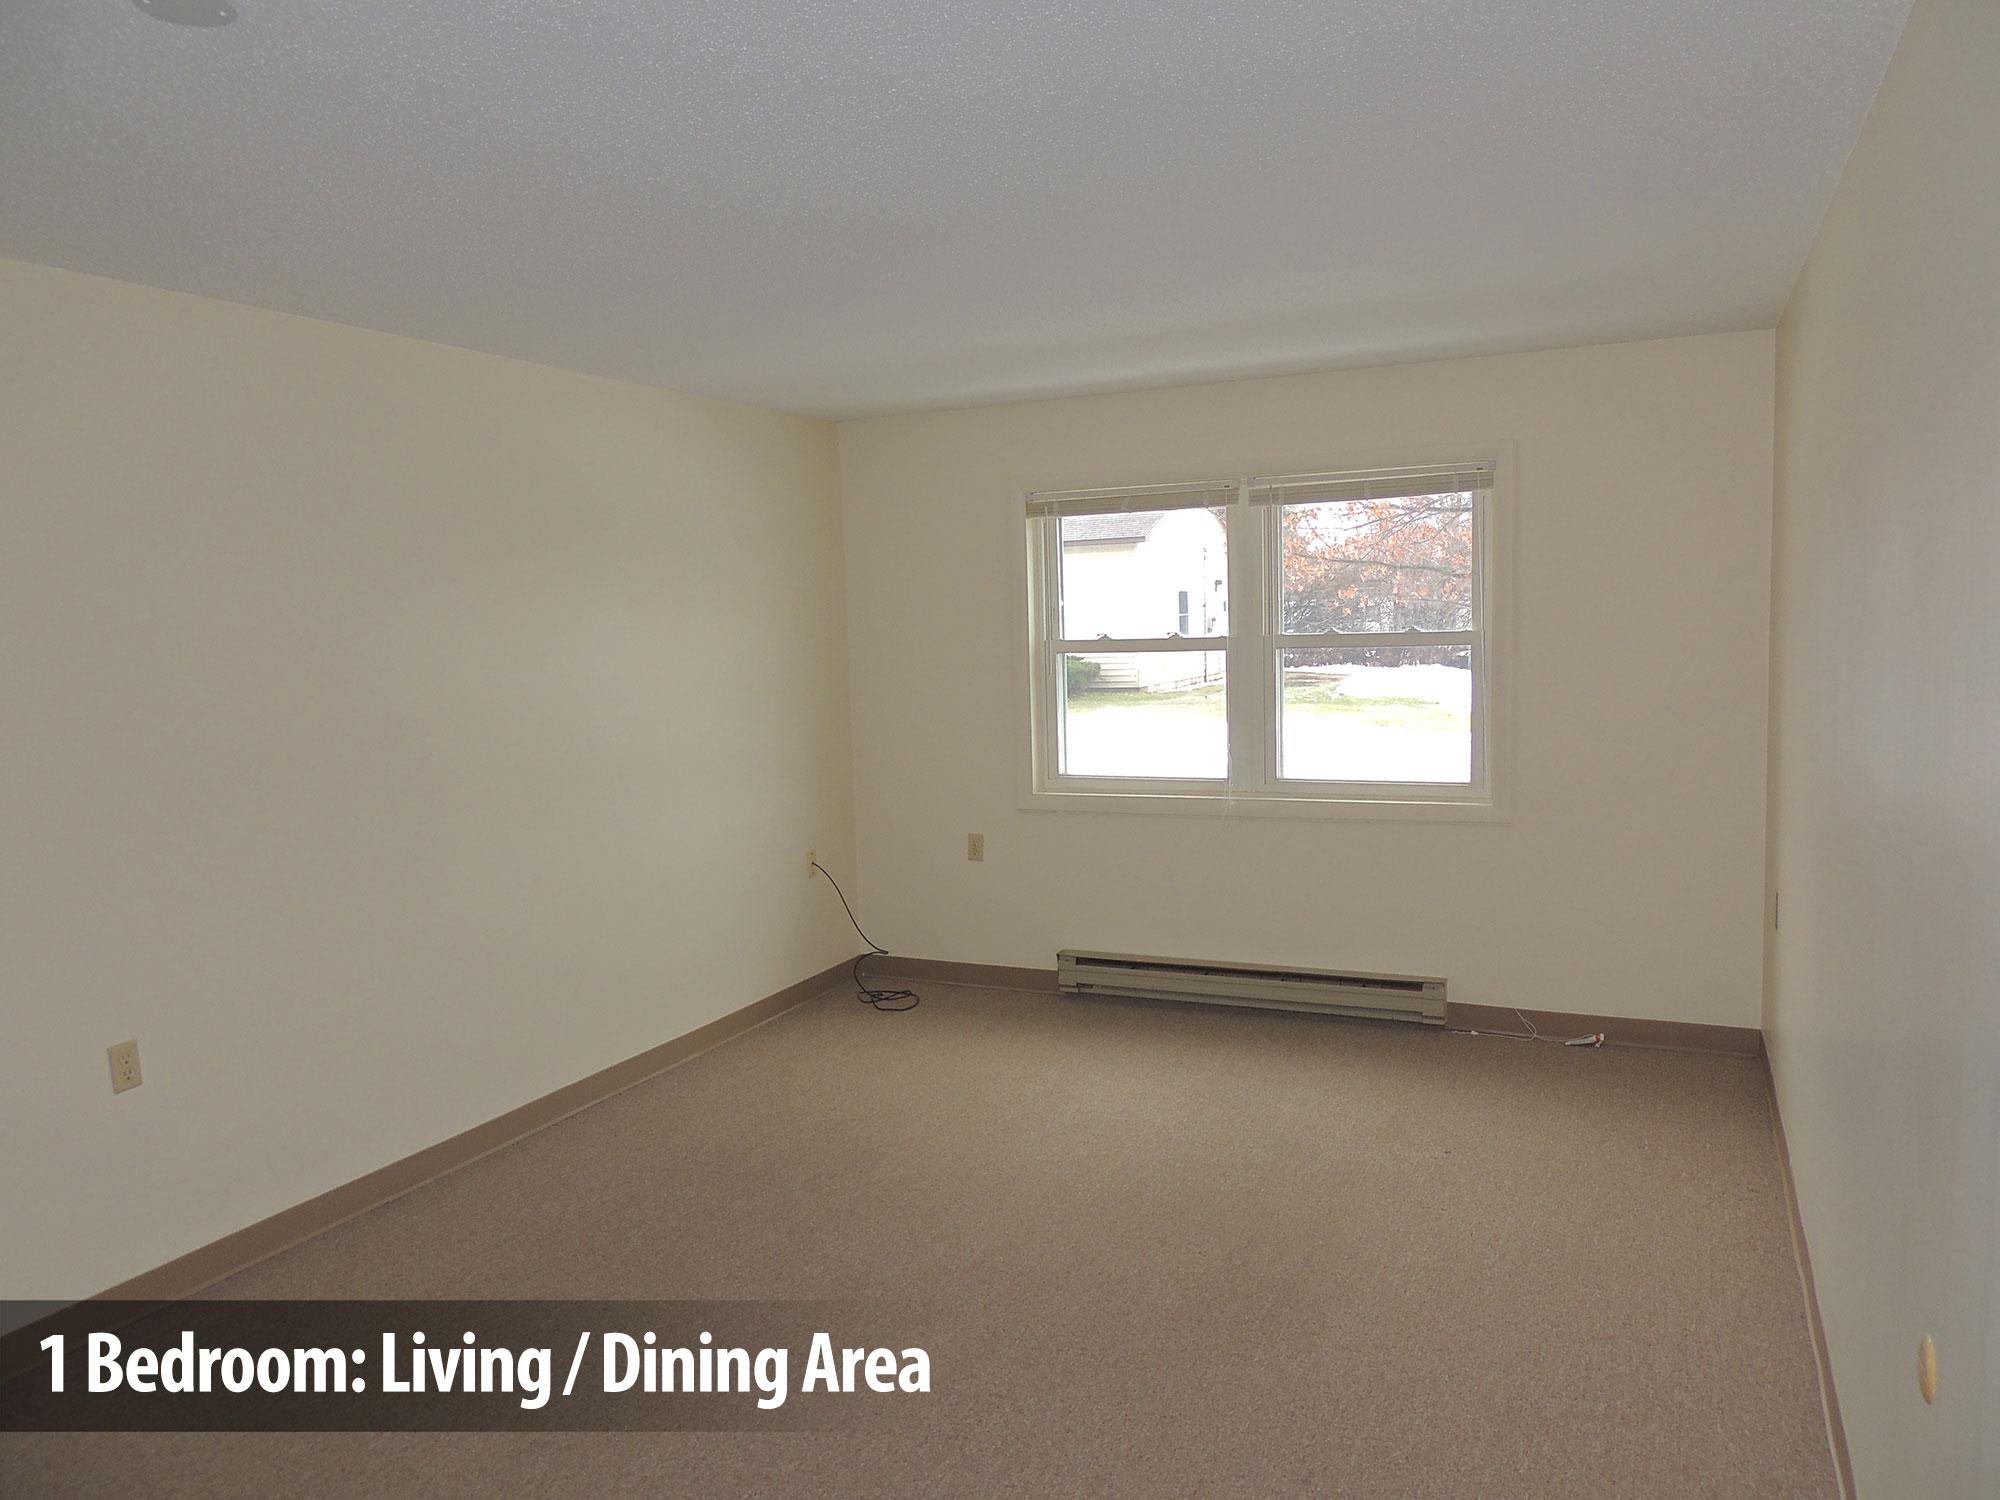 1bedroom-living-dining1